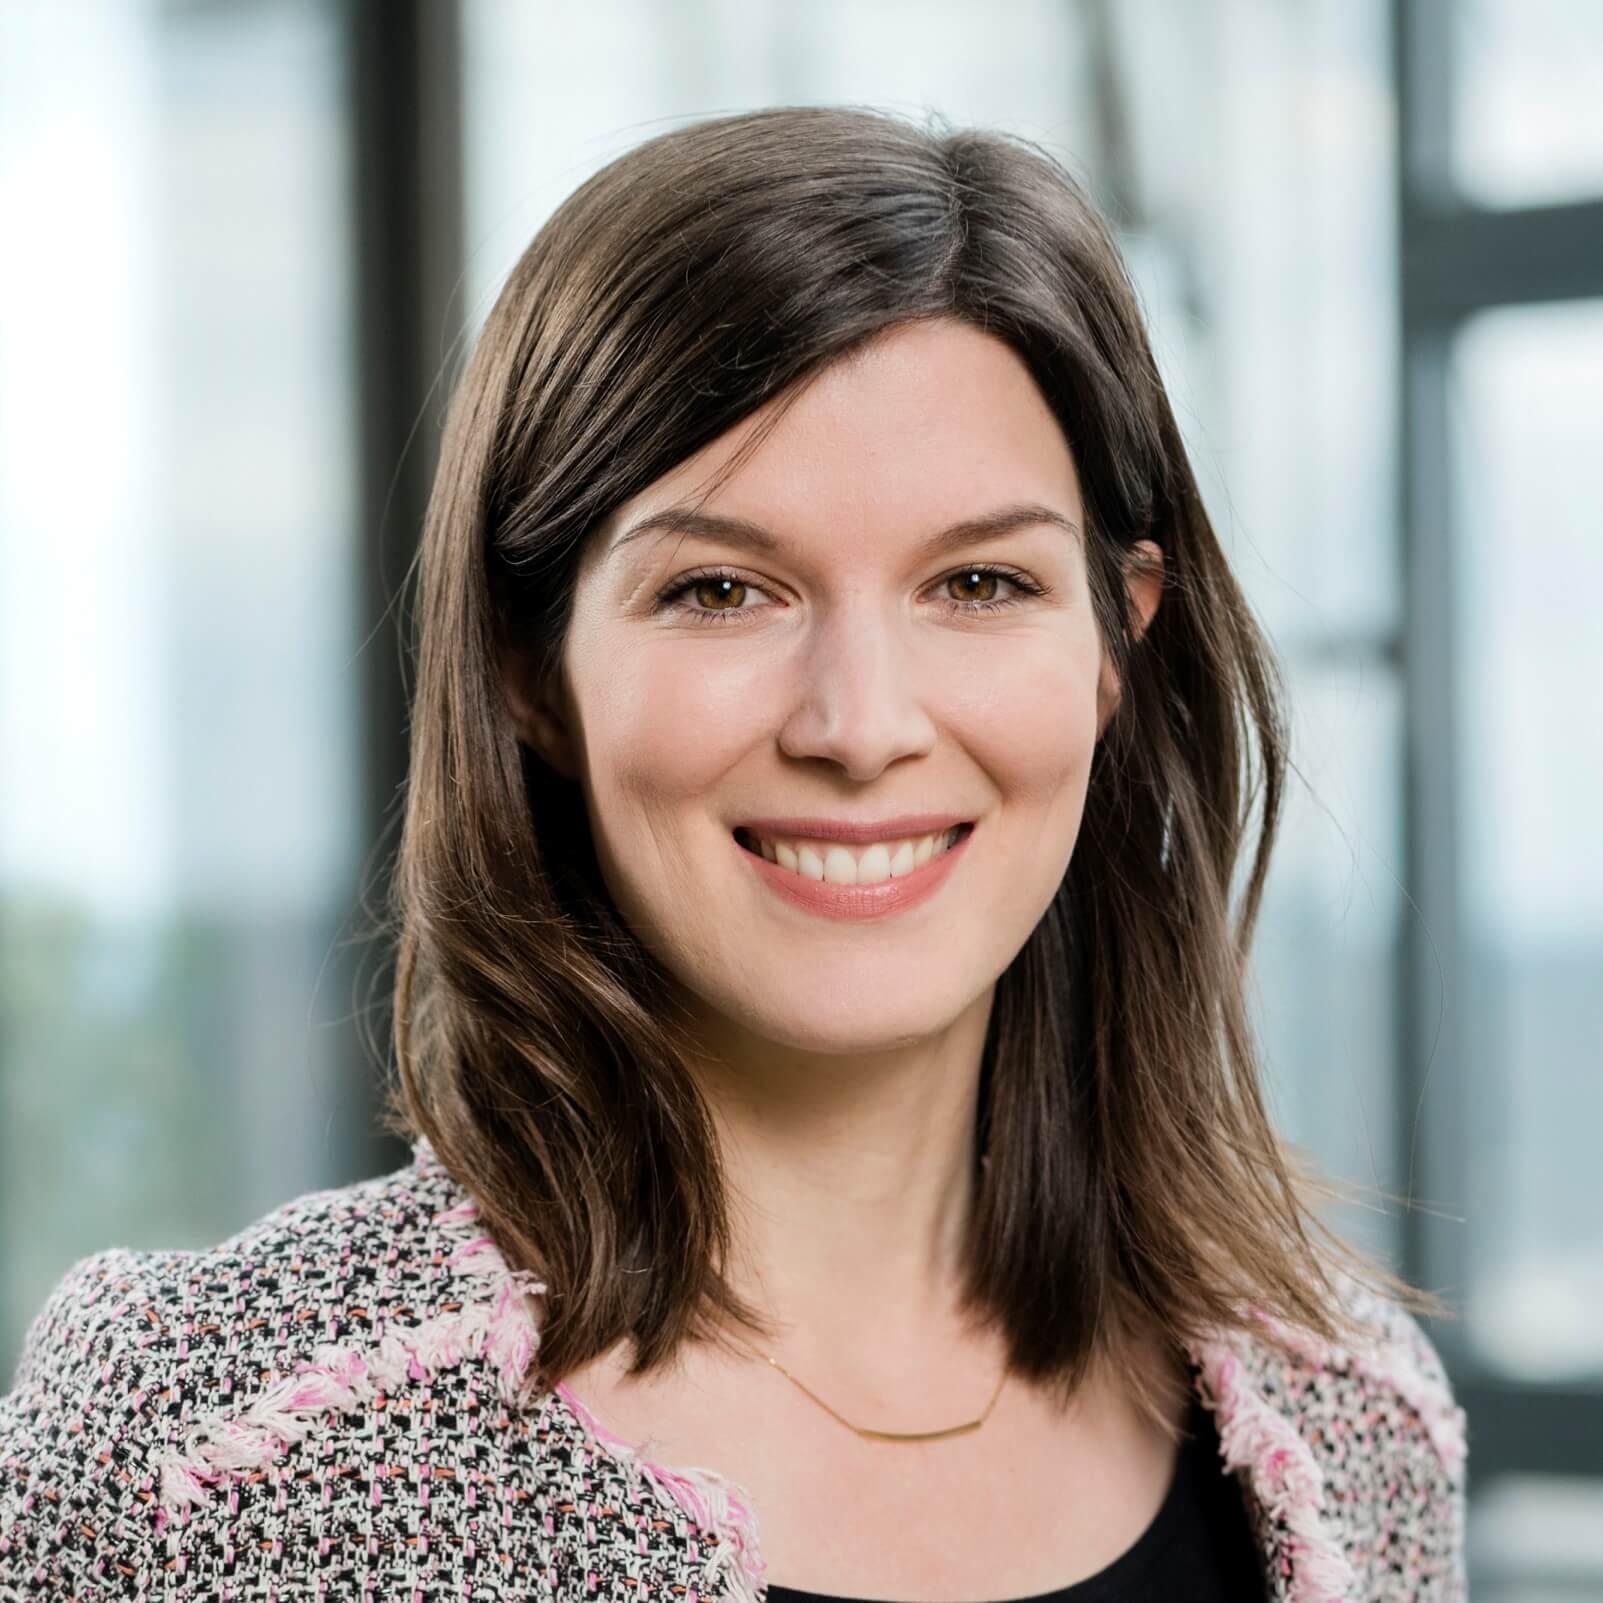 Sarah Preuß